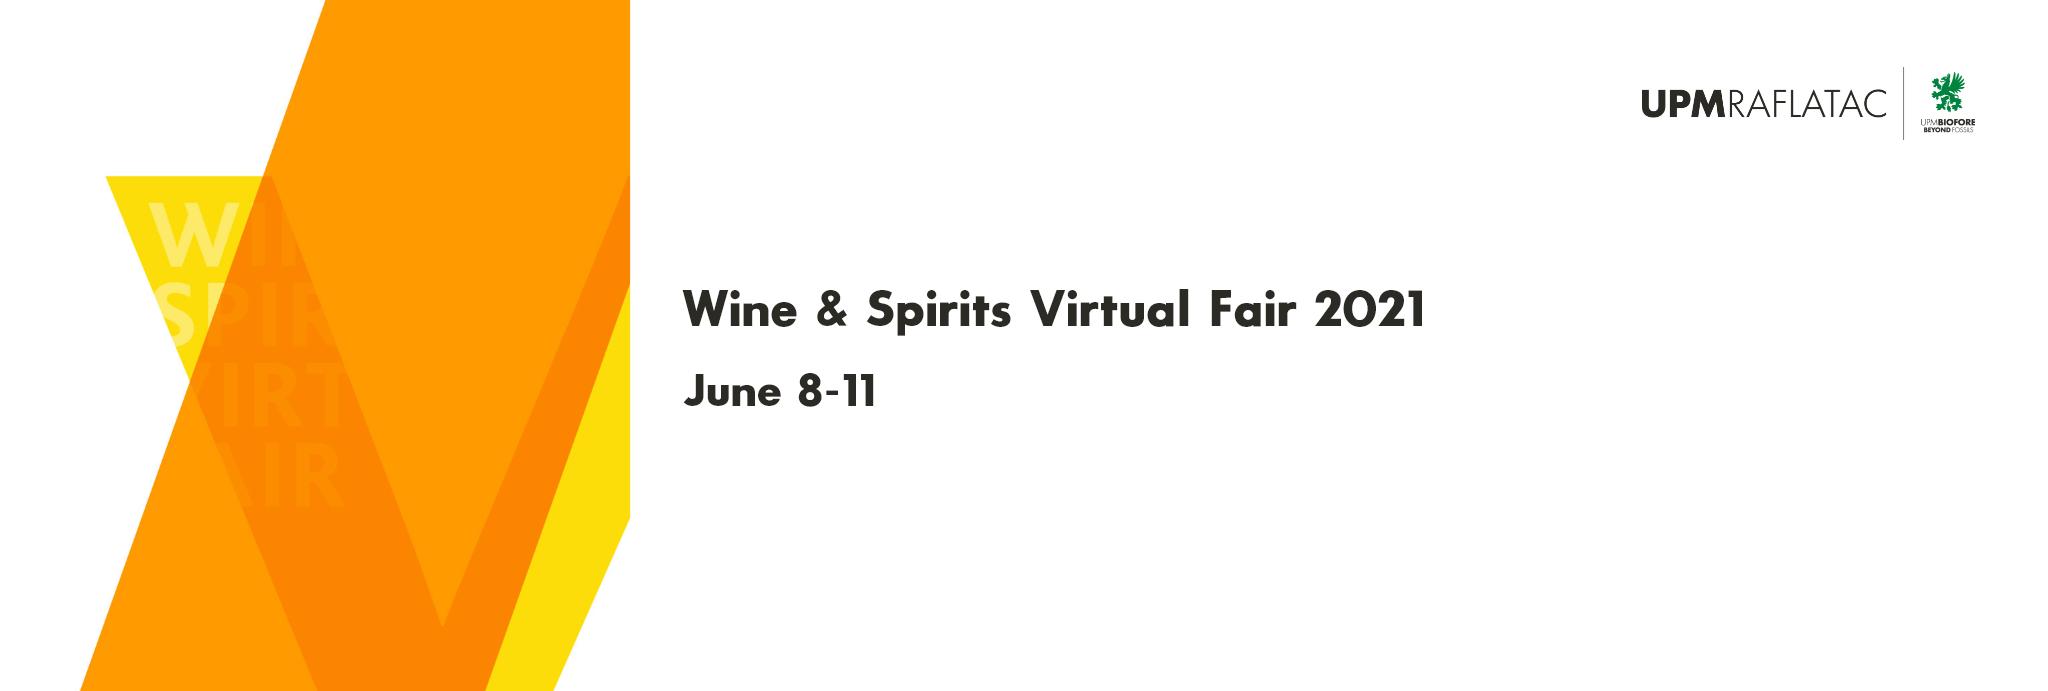 Wine & Spirits Virtual Fair Header